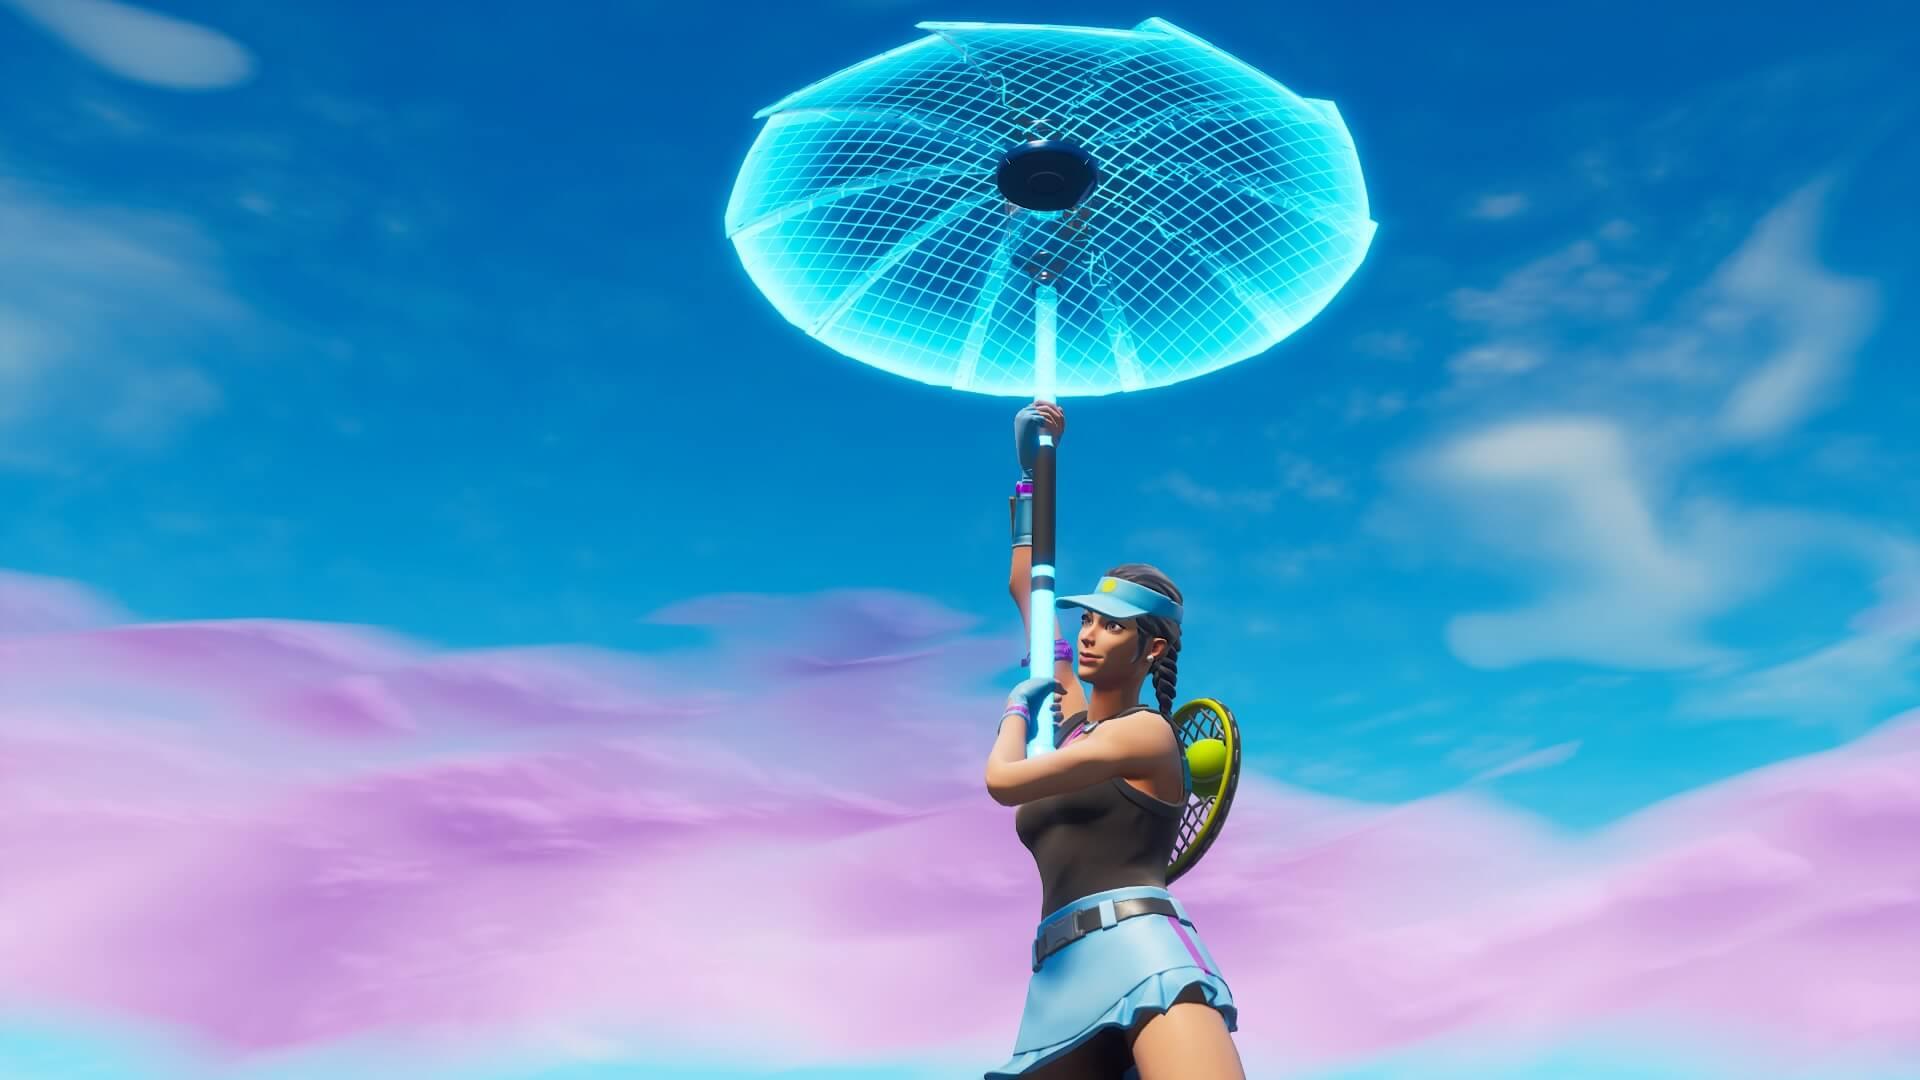 フォートナイト:チームランブルでも傘が貰えたほうがいいと思う?